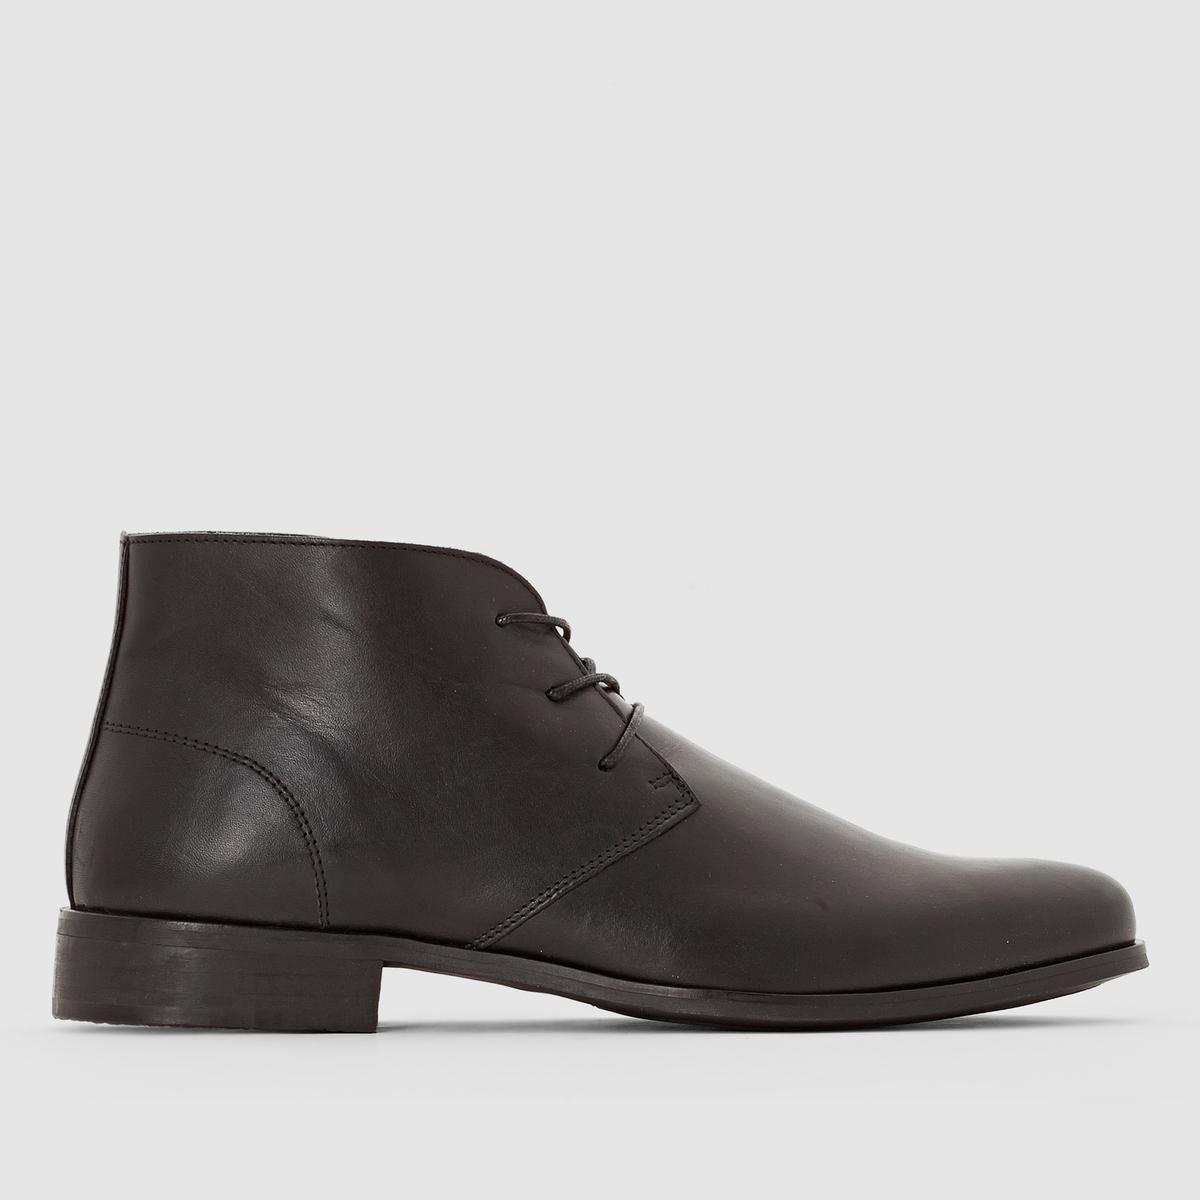 Ботинки-дерби кожаные ботинки дерби кожаные